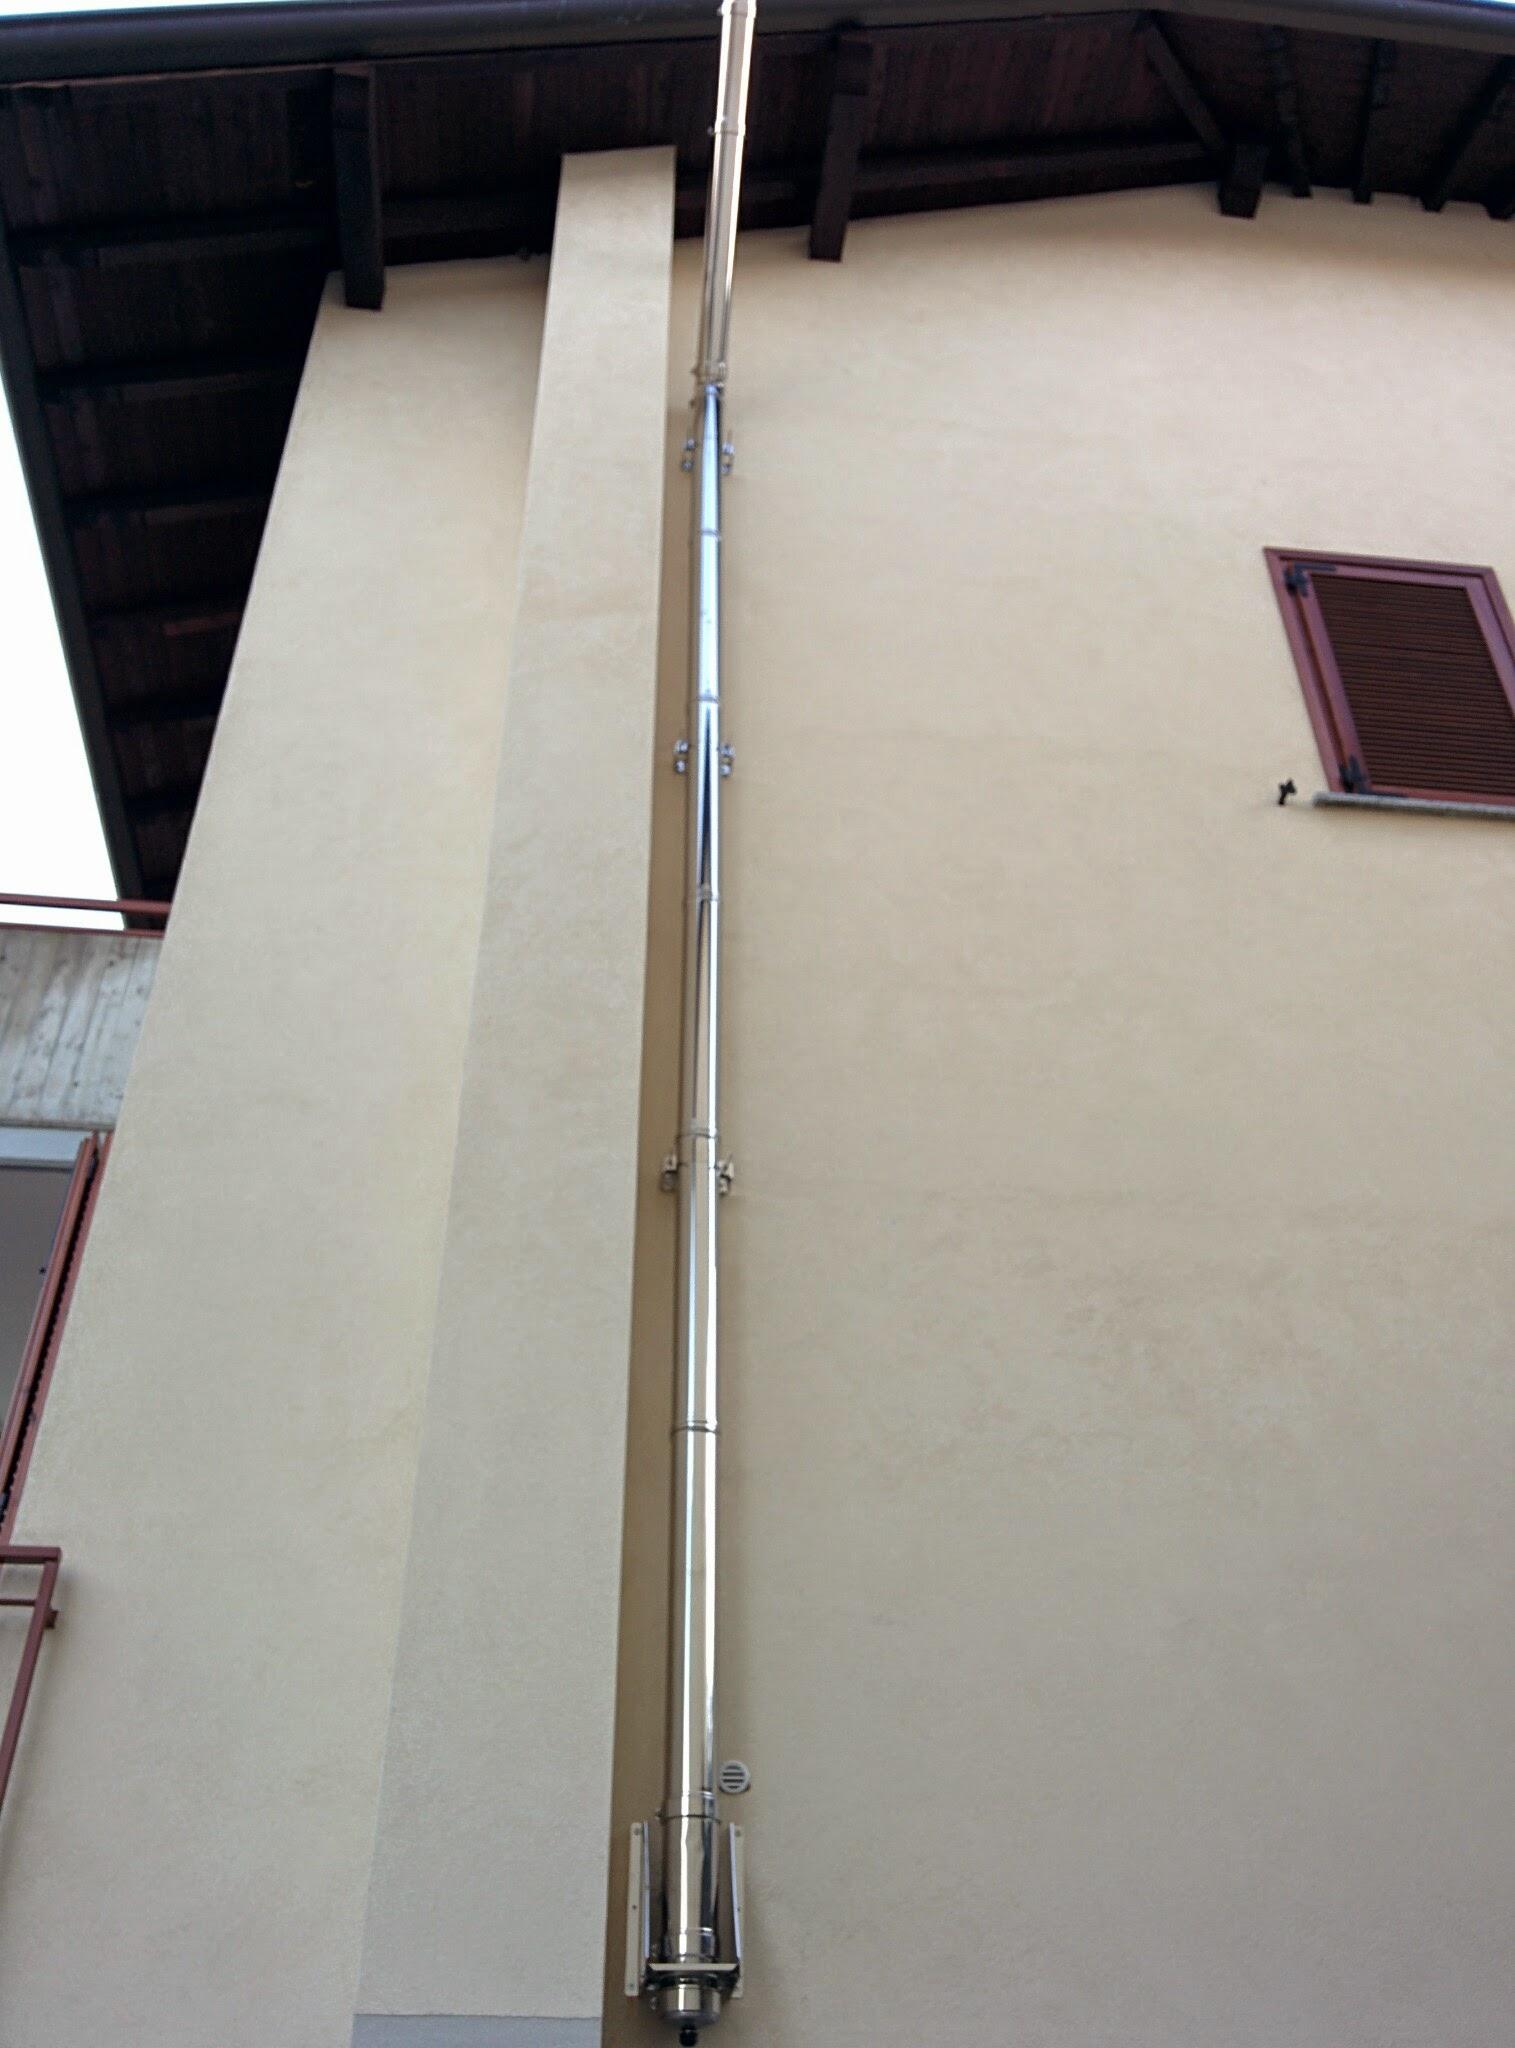 Installazione canna fumaria dp stufa a pellet edilkamin - Canna fumaria esterna per stufa a legna ...